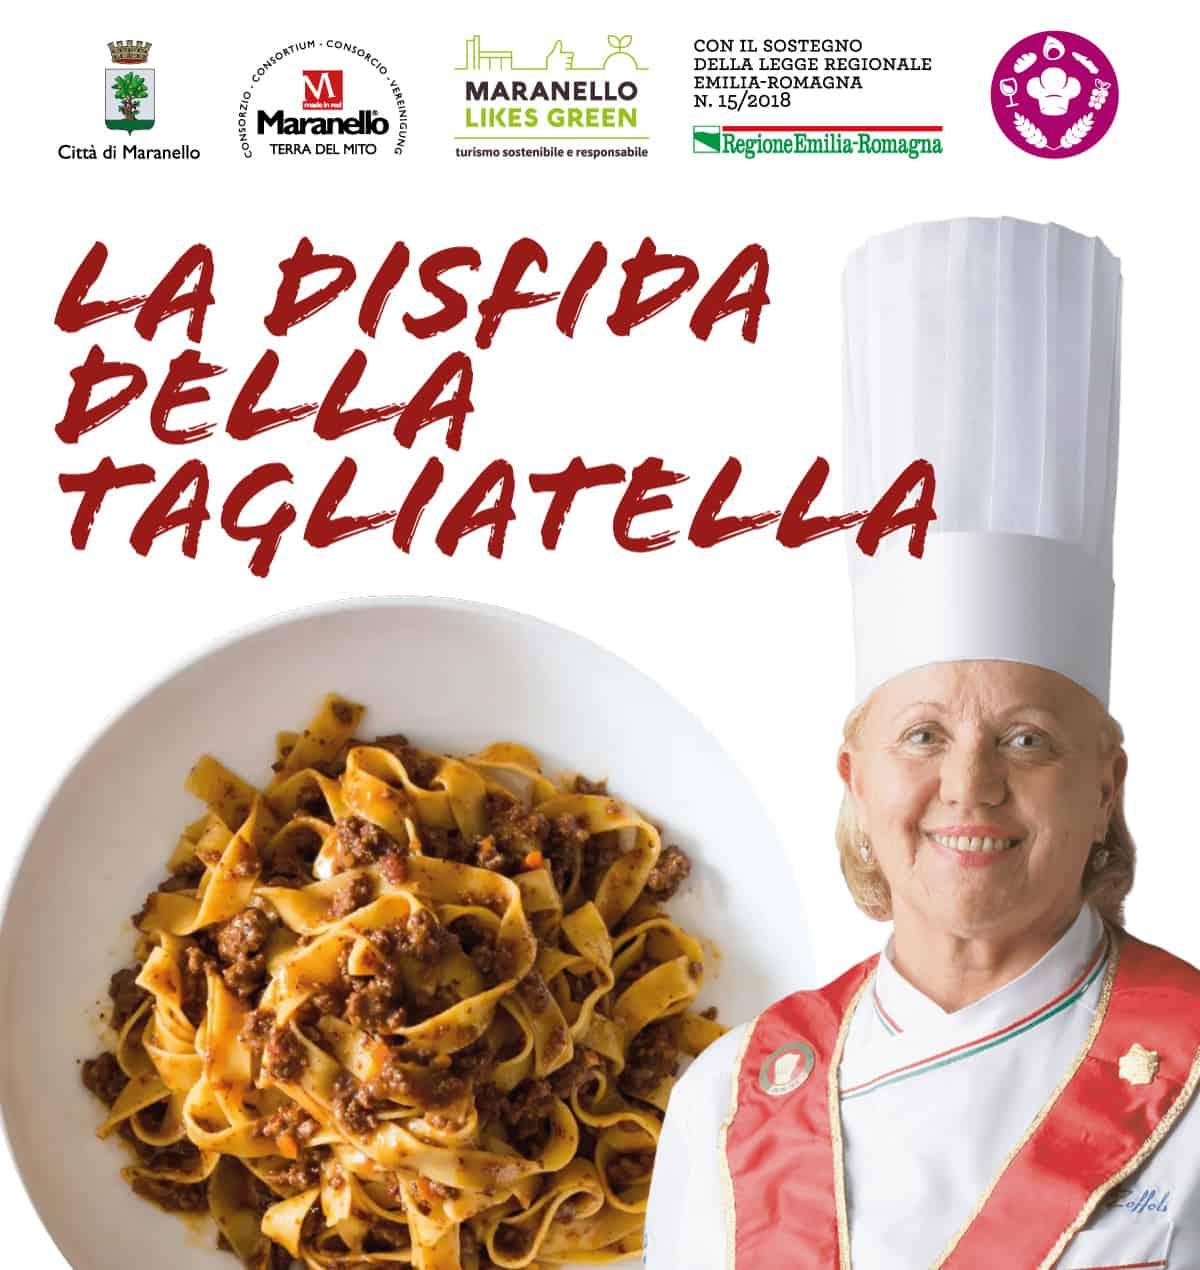 copertina della disfida della tagliatella raffigurante una chef e un piatto di tagliatelle al ragù